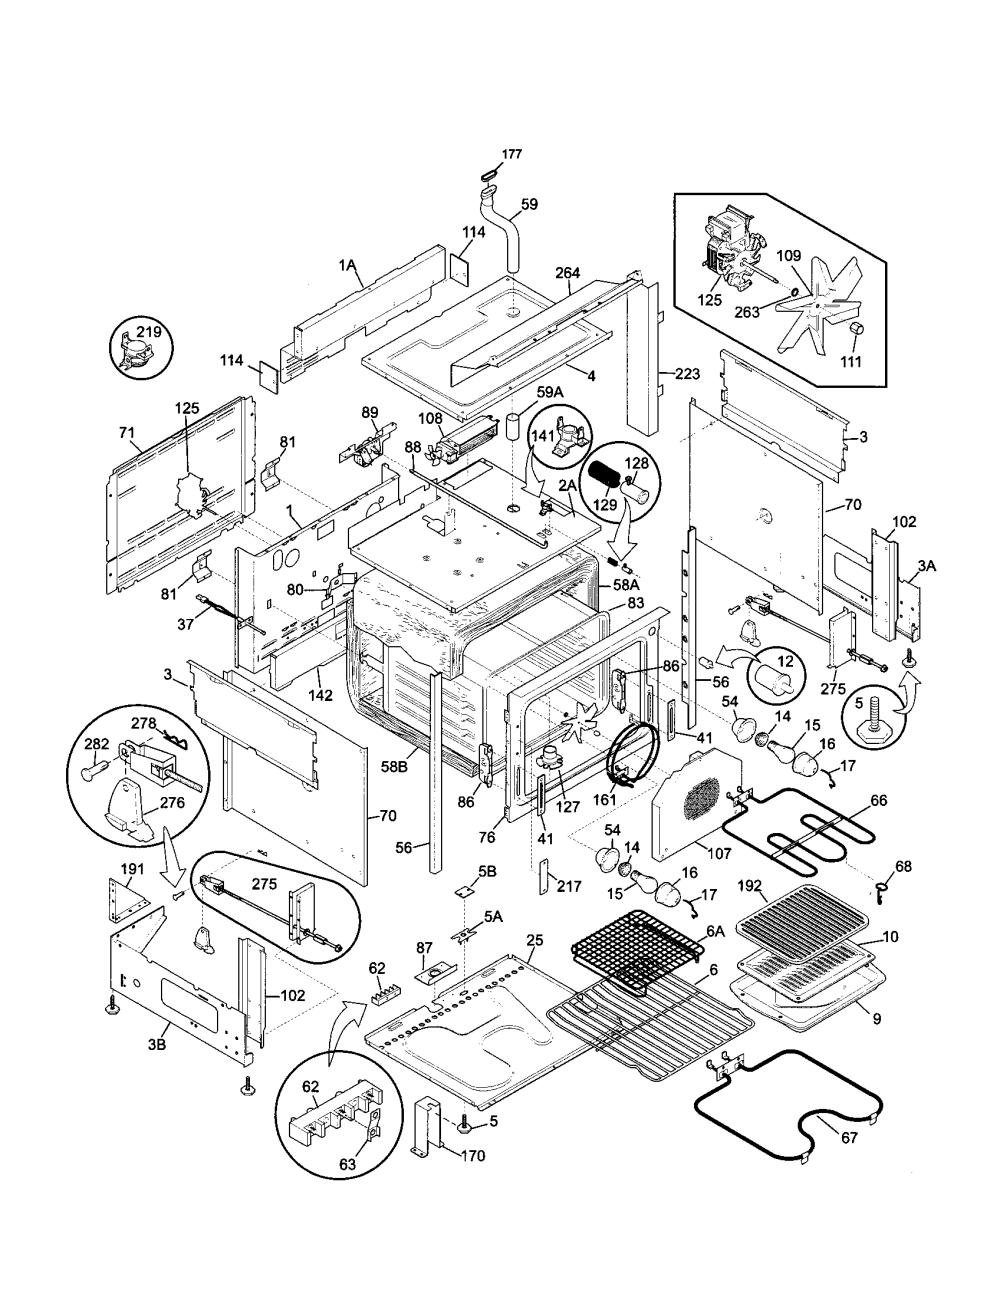 medium resolution of 79046819992 elite dual fuel slide in range body parts diagram